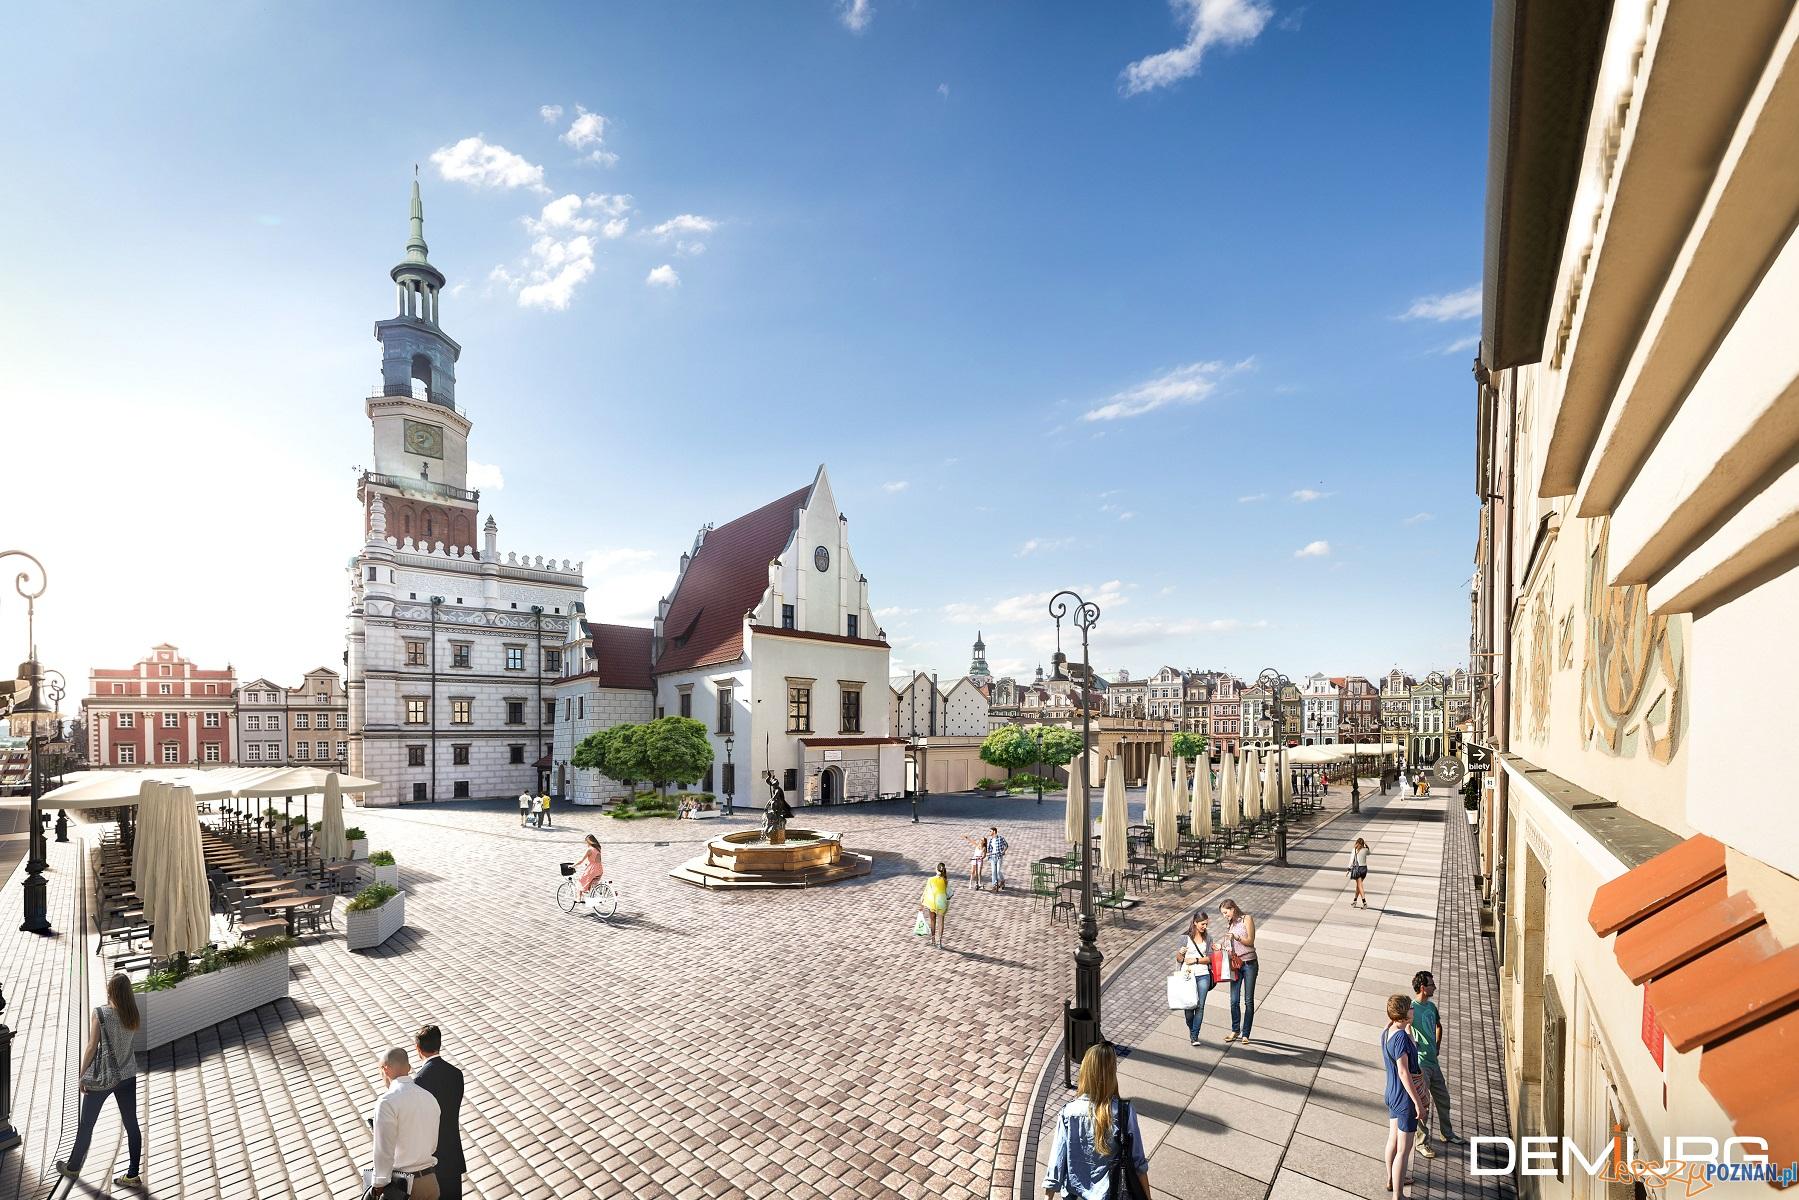 Koncepcja renowacji Starego Rynku  Foto: Demiurg